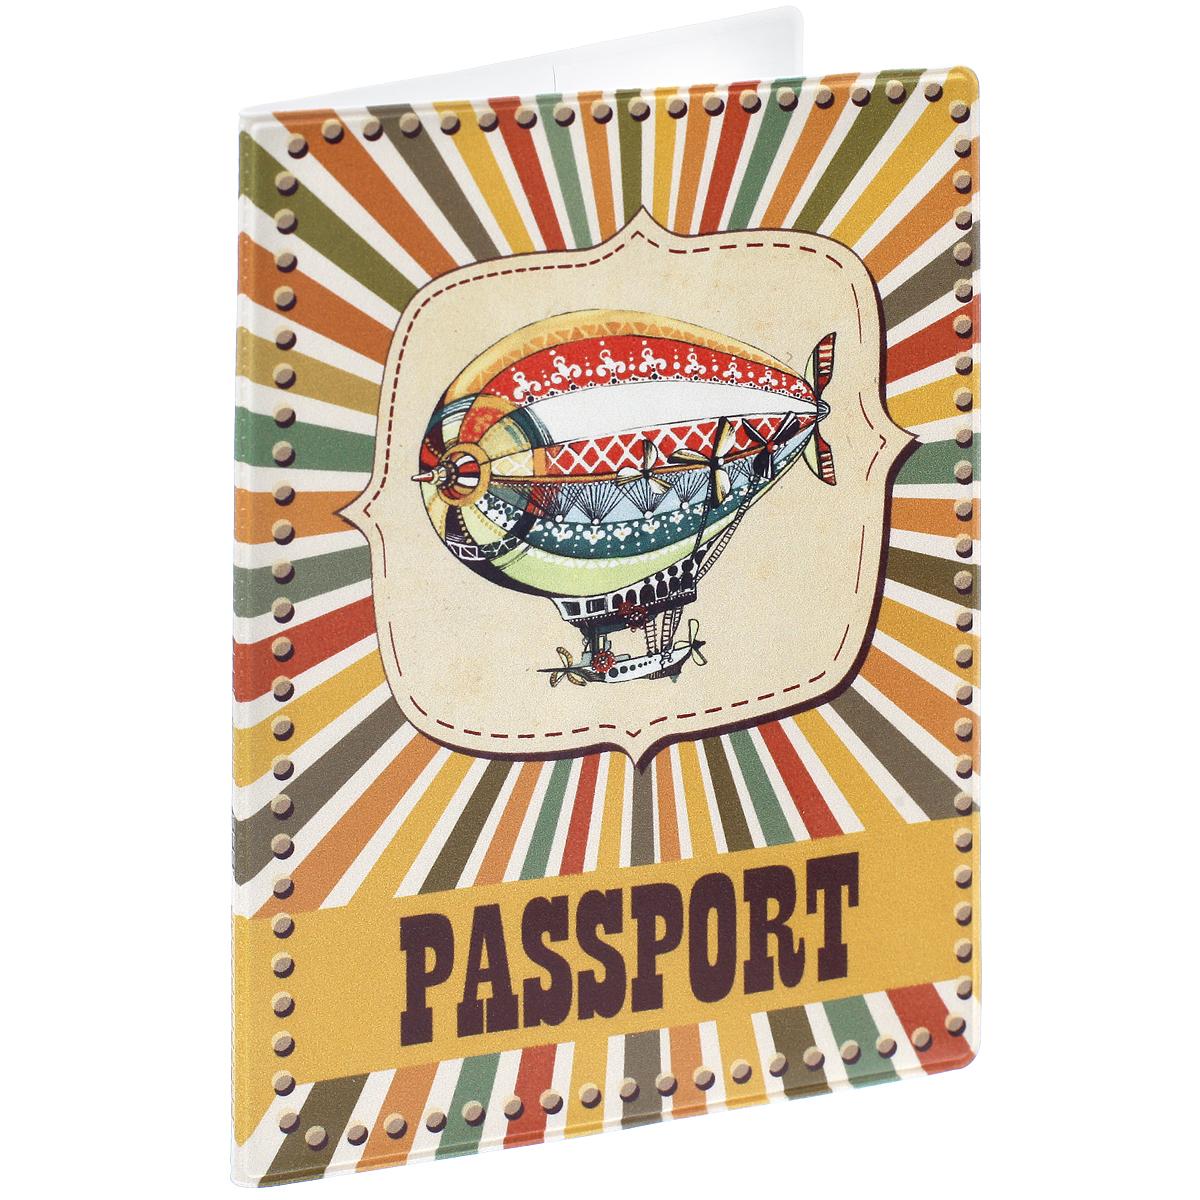 Обложка для паспорта Дирижабль, цвет: разноцветный. 3568715-333-02Обложка для паспорта Дирижабль не только поможет сохранить внешний вид ваших документов и защитить их от повреждений, но и станет стильным аксессуаром, идеально подходящим вашему образу. Обложка выполнена из поливинилхлорида и оформлена оригинальным изображением дирижабля. Внутри имеет два вертикальных кармана из прозрачного пластика. Такая обложка поможет вам подчеркнуть свою индивидуальность и неповторимость!